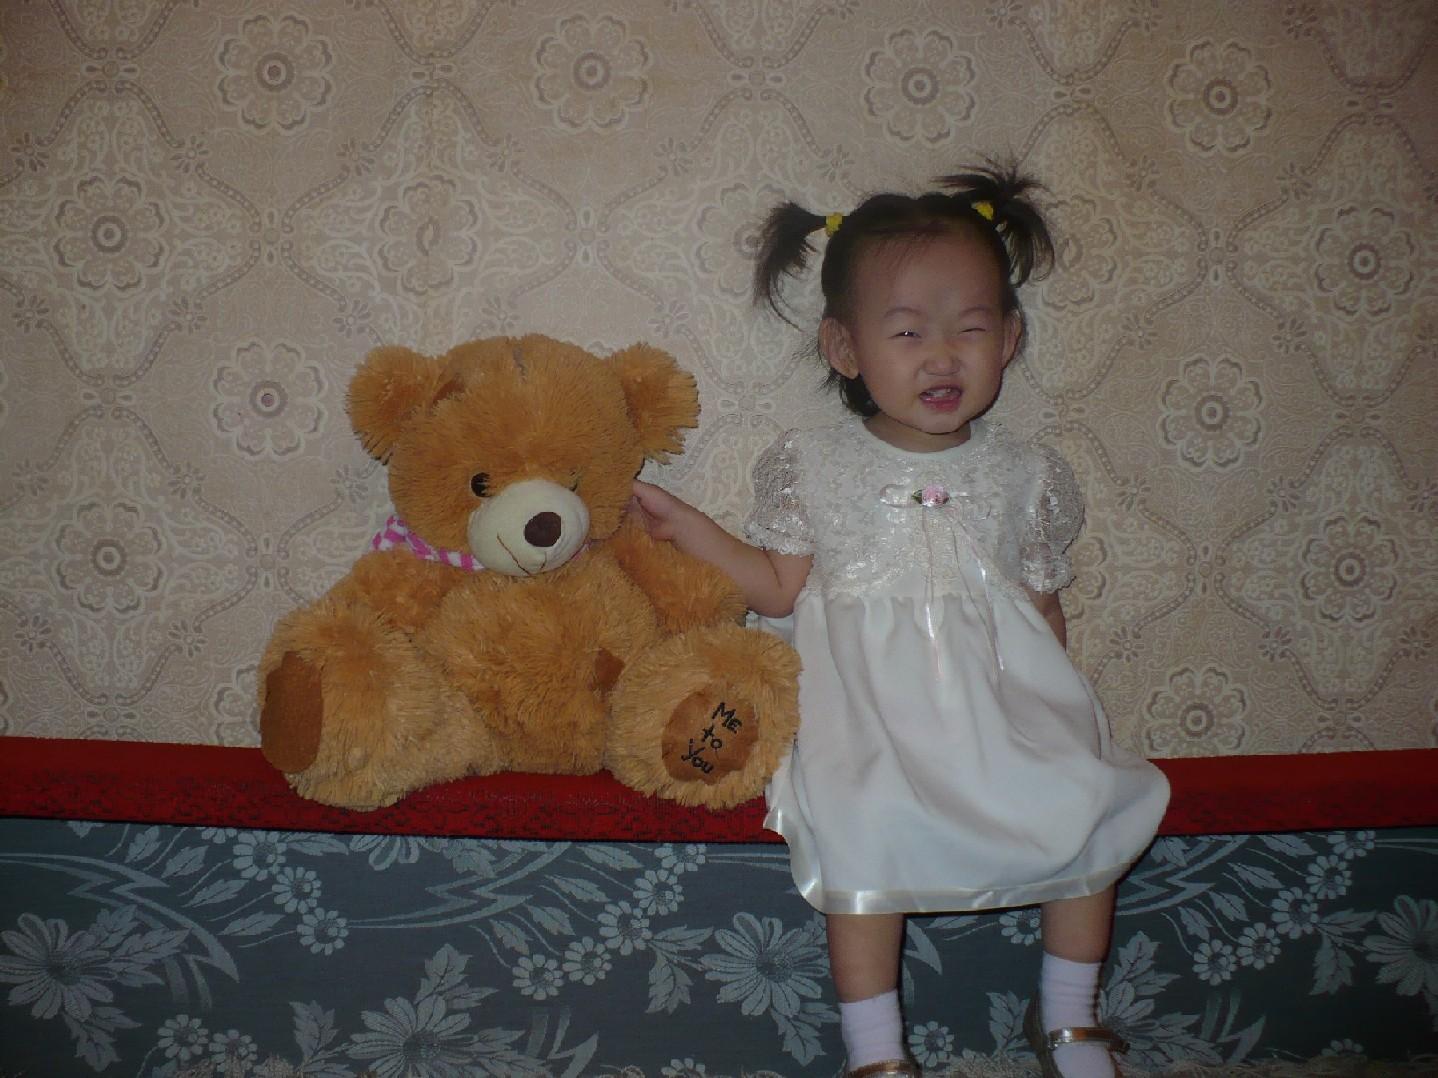 принцесса. Дети с игрушками